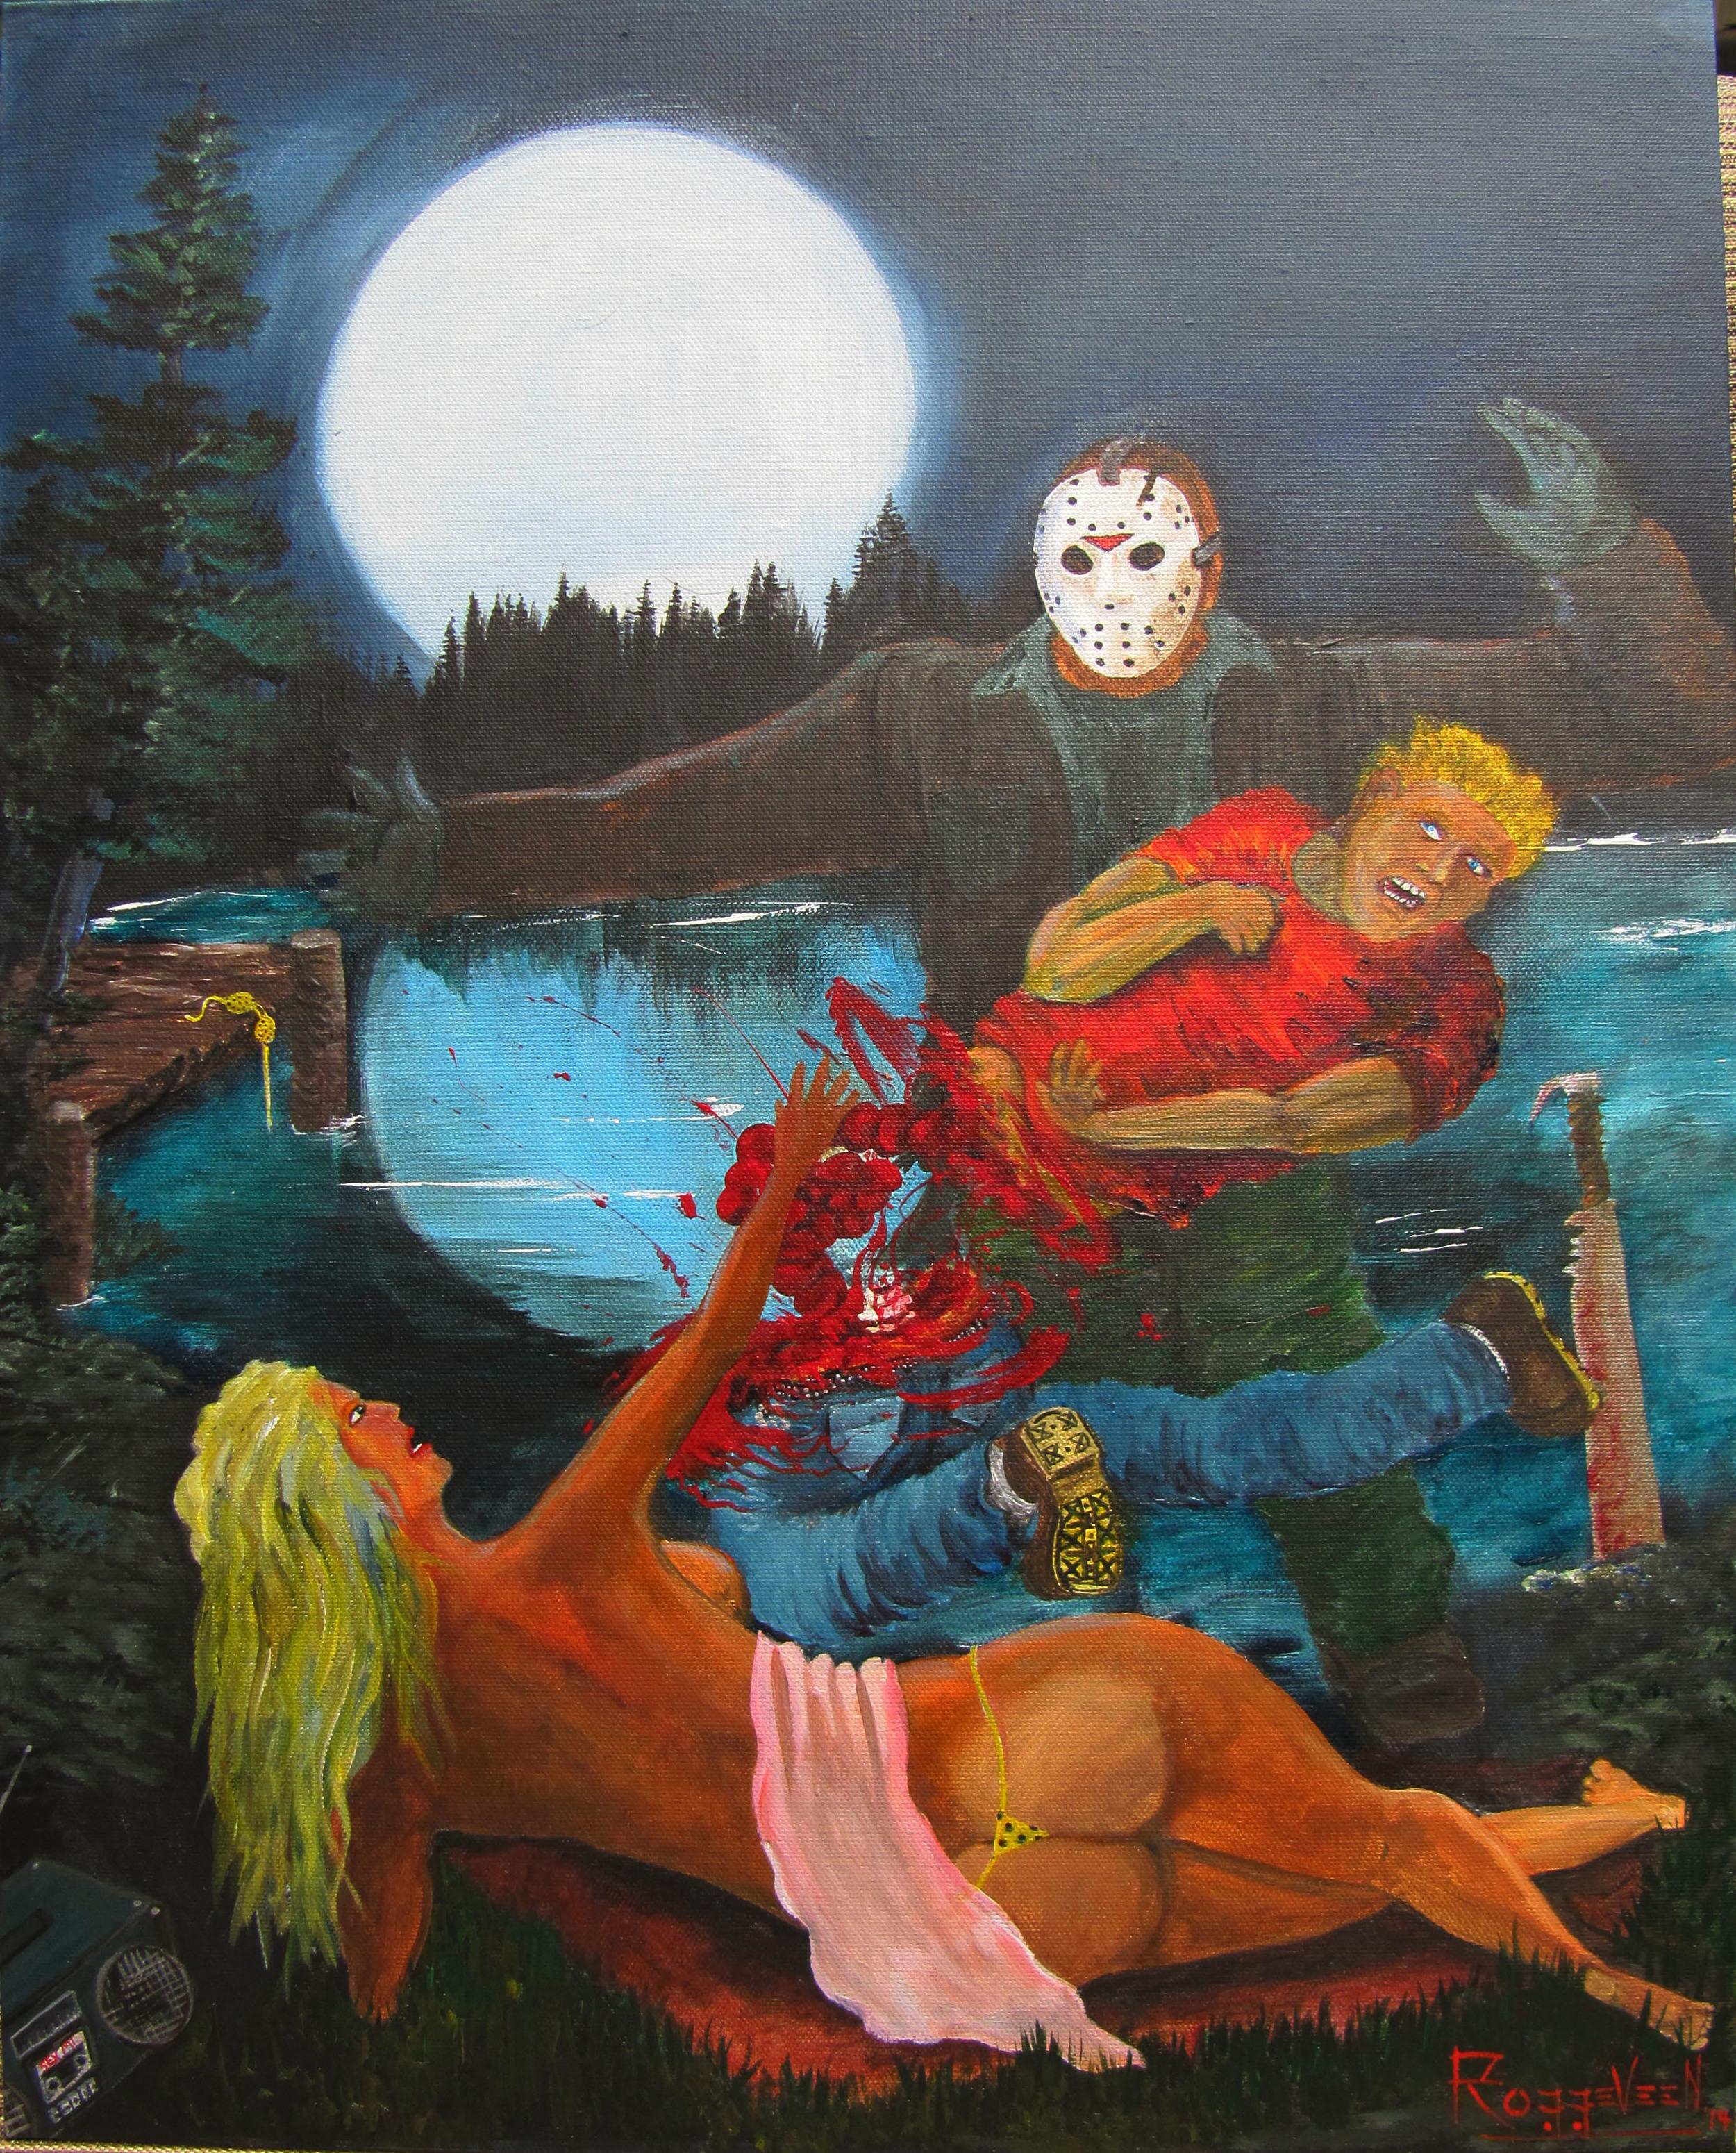 Jason Voorhees art painting by Erik Roggeveen